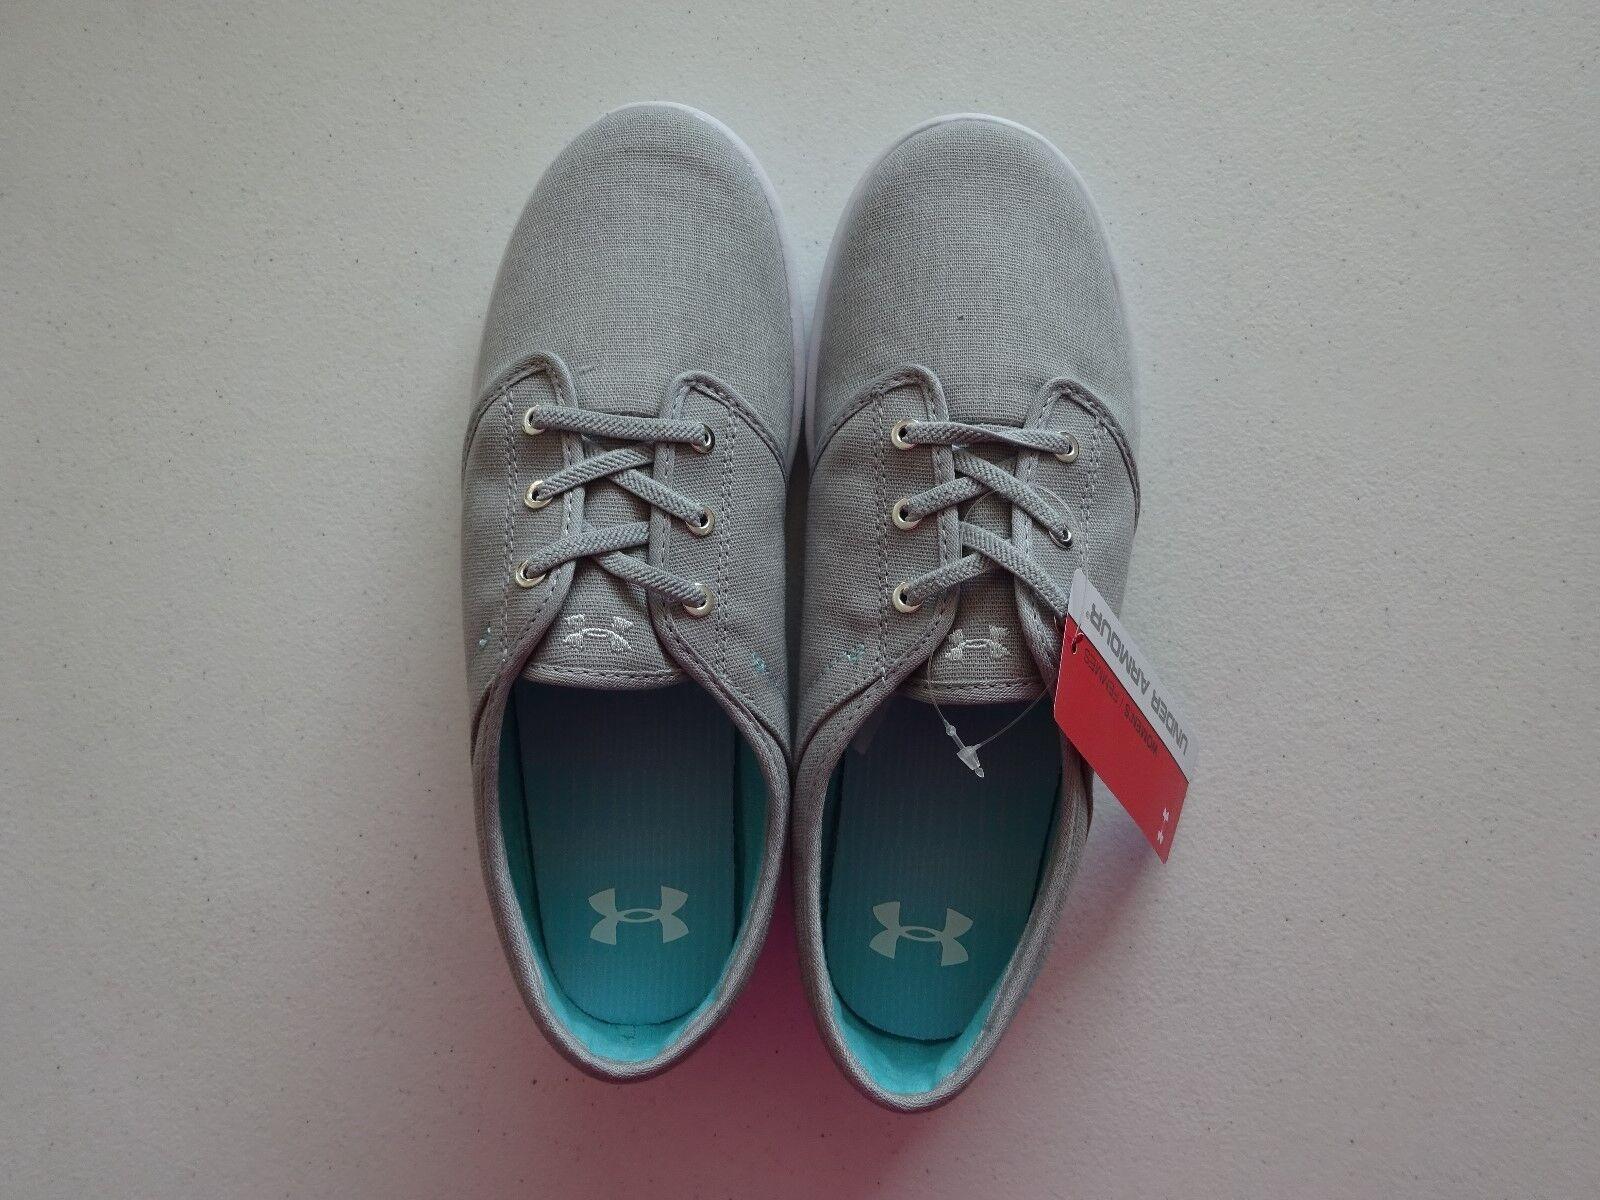 Under Armour Mujer Calle encuentro Gris/Blanco Zapatos nublado Gris/Blanco encuentro Nuevo con etiquetas 4caf5e